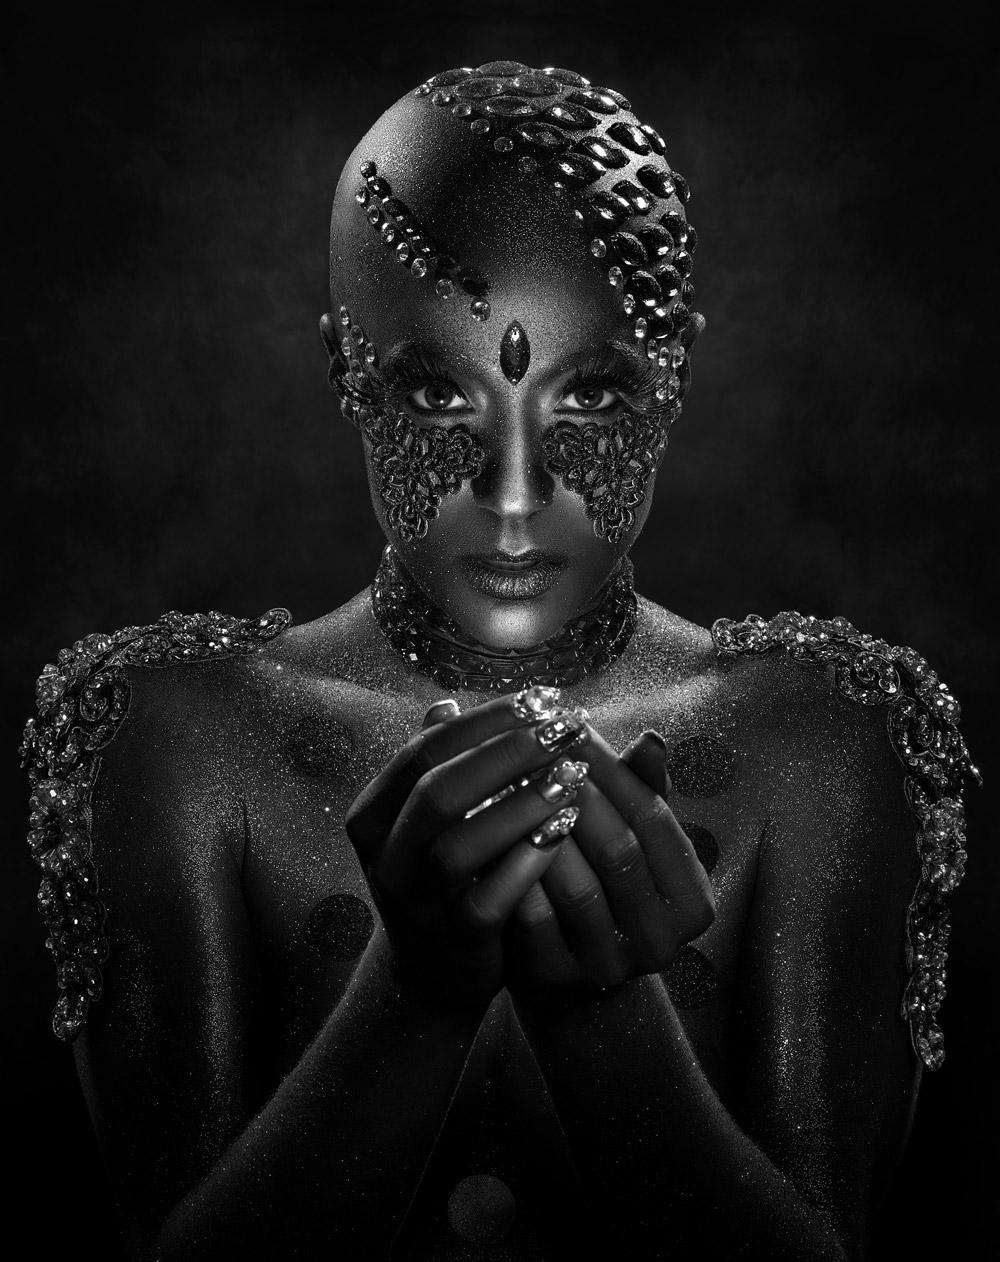 Драгоценные камни, © Эрих Капарас / Erich Caparas, Первое место в категории «Творчество — Коммерческий», Фотоконкурс WPPI Second Half Competition